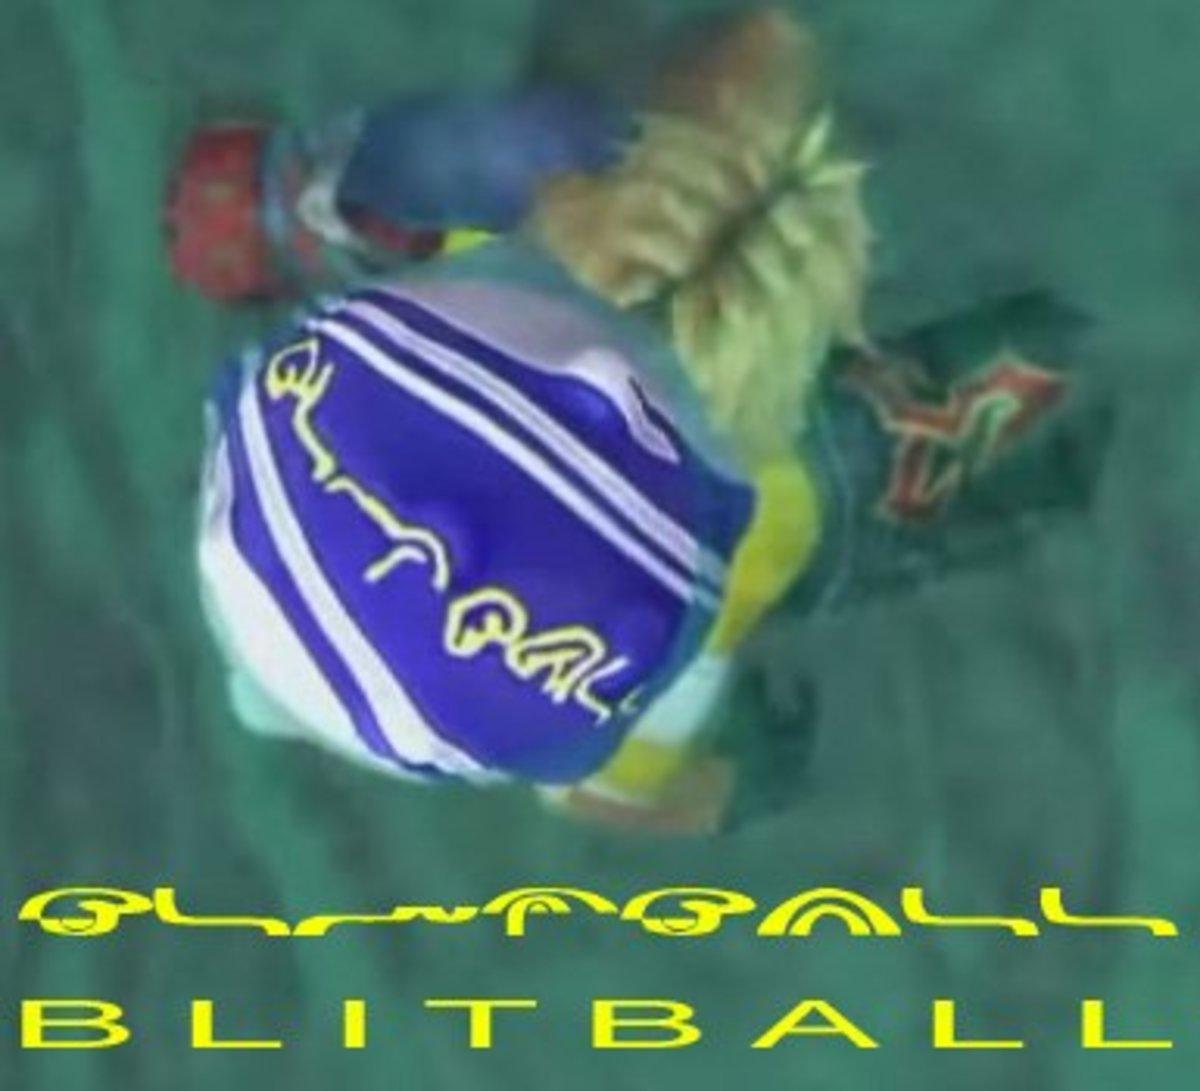 BLITBALL?!!